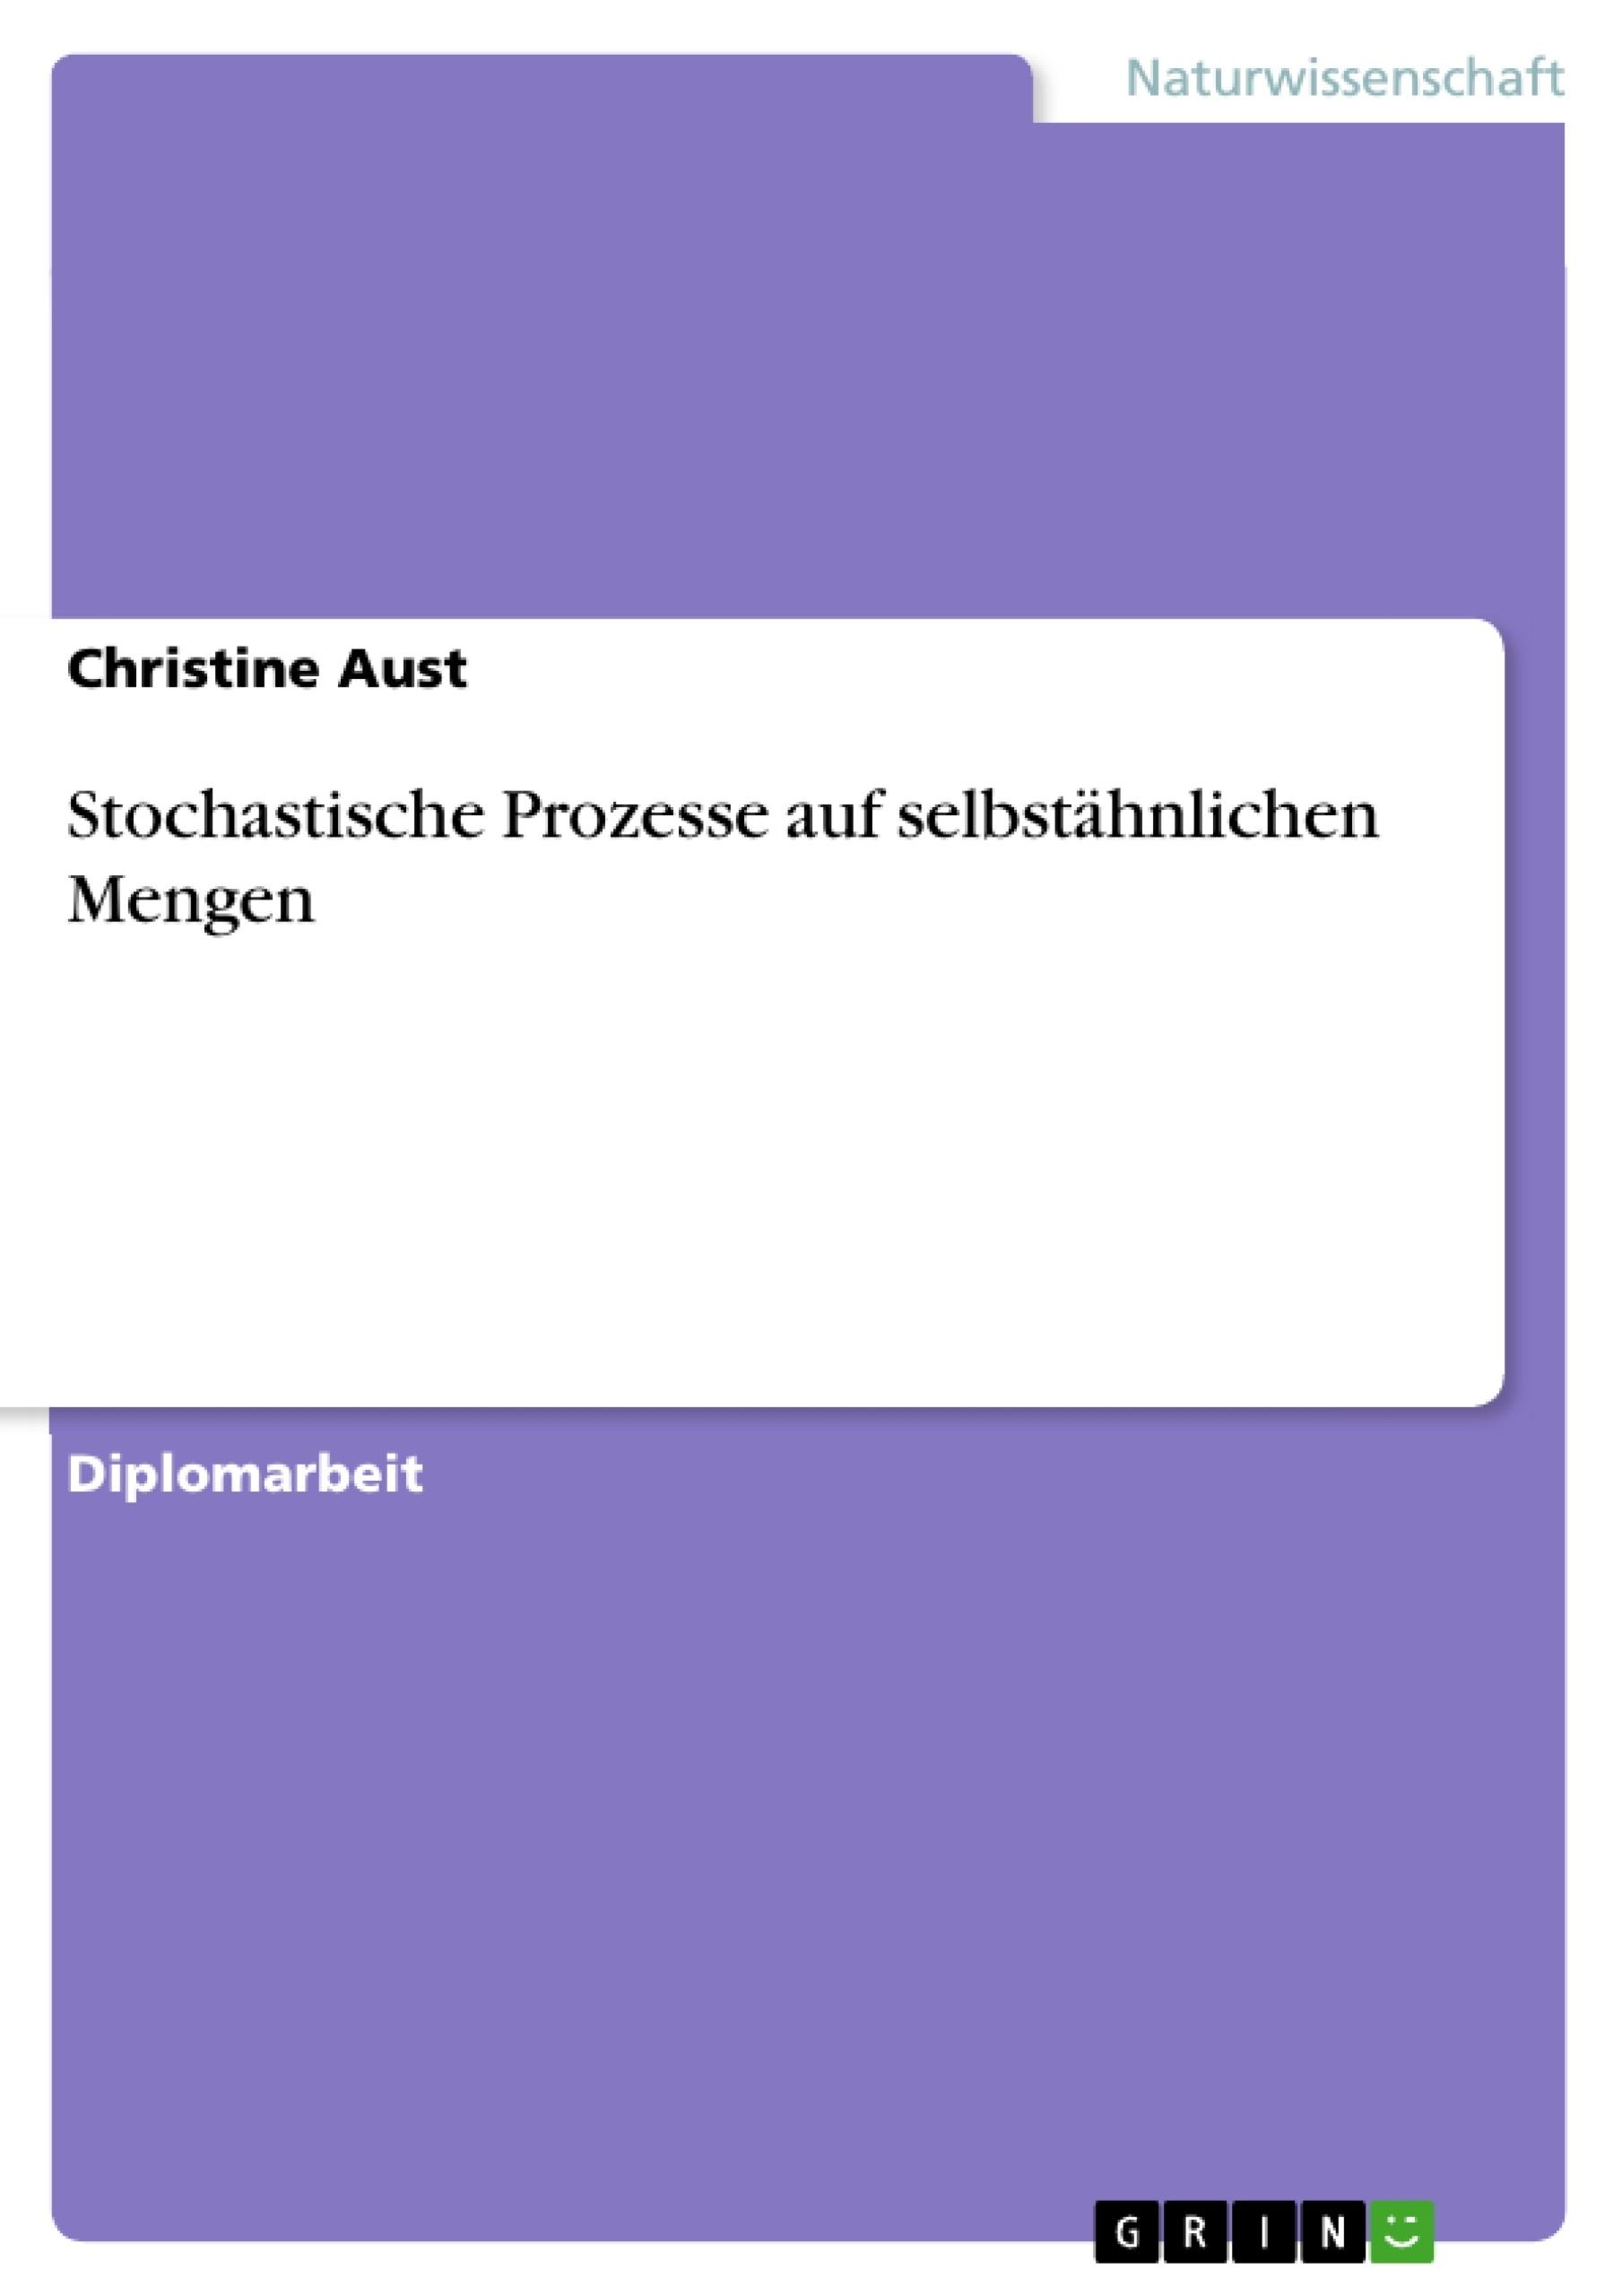 Titel: Stochastische Prozesse auf selbstähnlichen Mengen